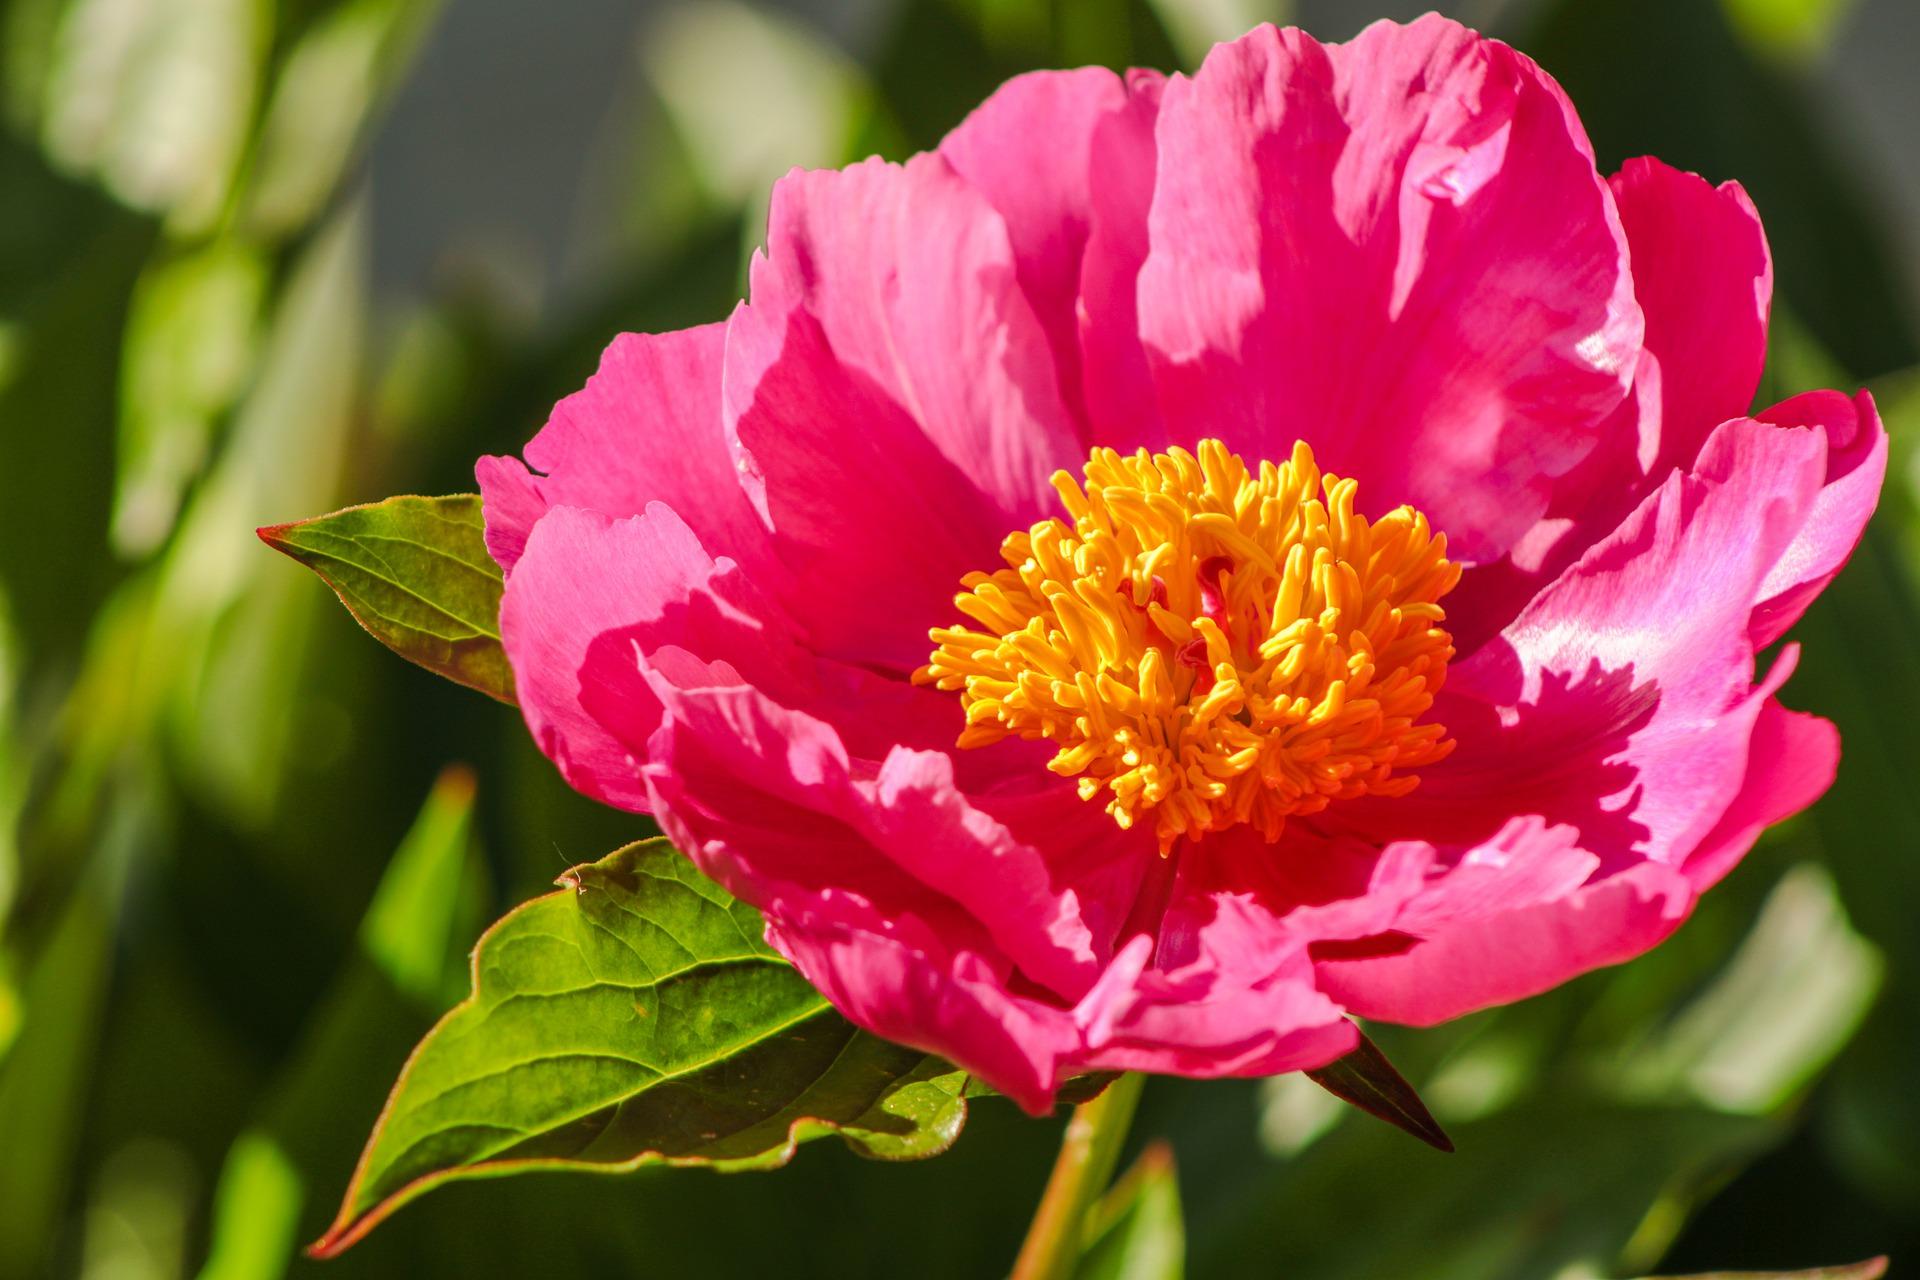 Peonia Charakterystyka Uprawa I Pielegnacja Kiedy Kwitnie Peonia I Jak O Nia Dbac Moj Piekny Ogrod Ogrody Ozdobne Rosliny Kwiaty